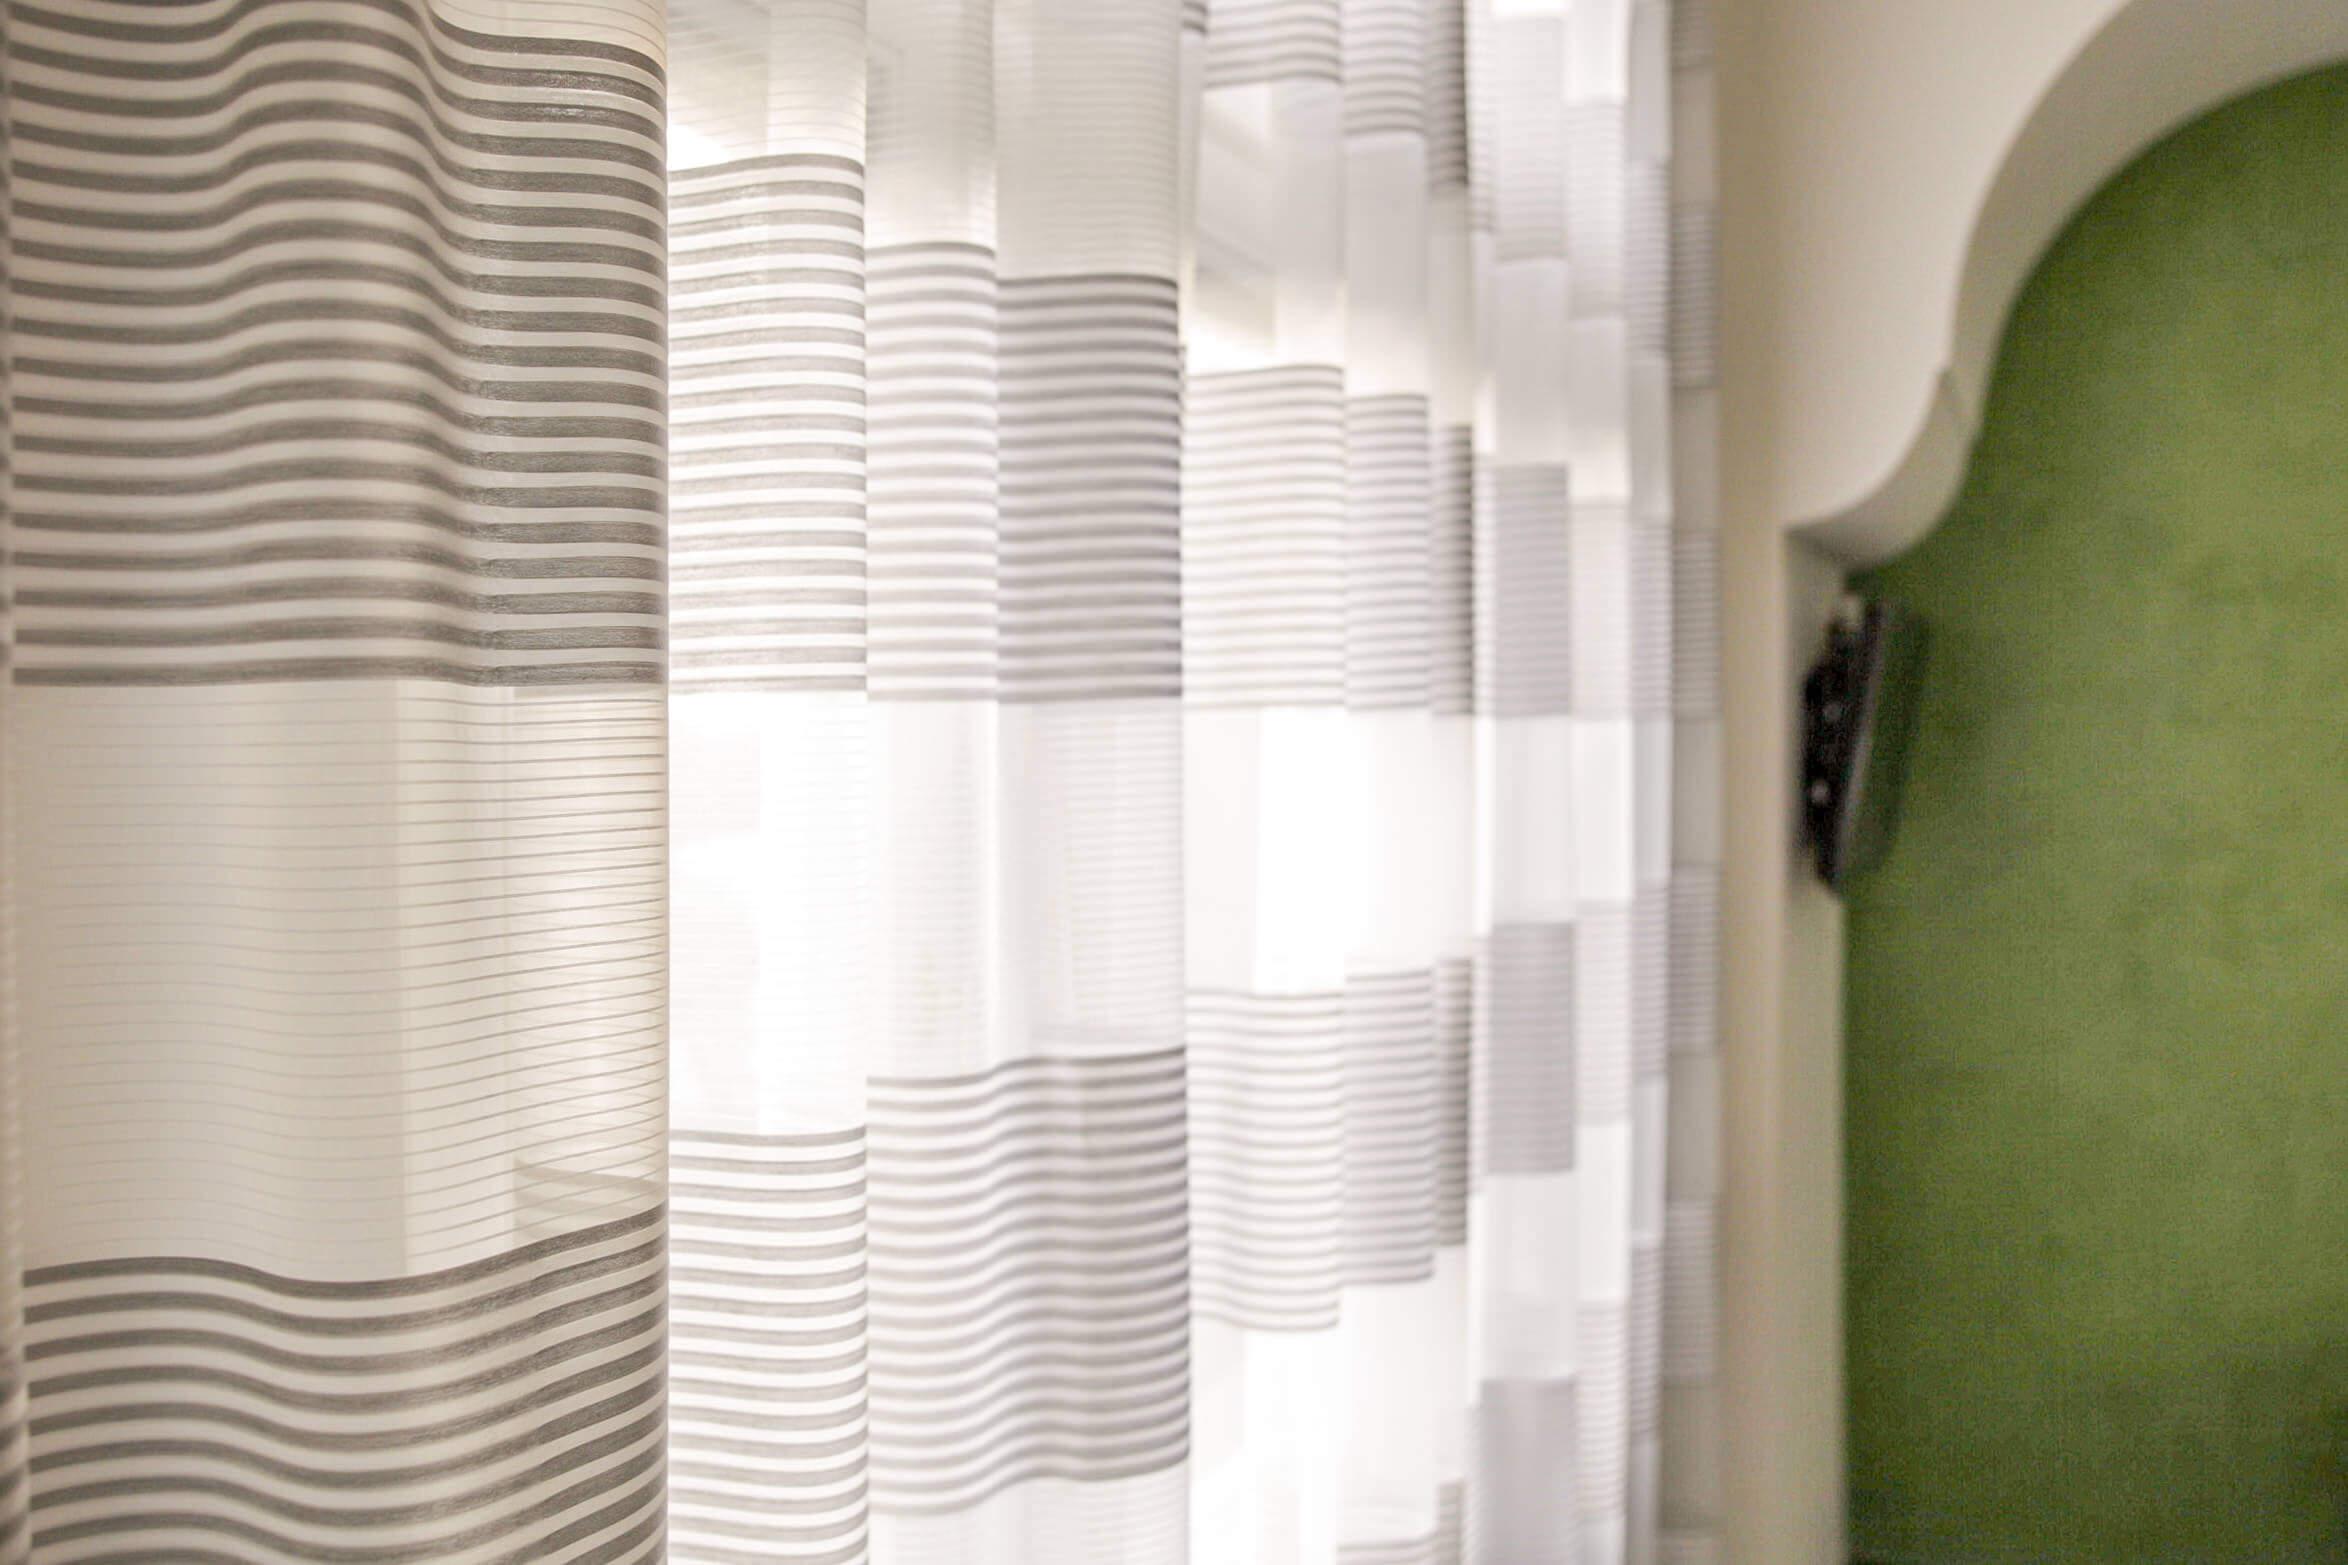 Full Size of Gardinen Ideen Frs Bad Zwischen Dichte Und Transparenz Für Wohnzimmer Renovieren Fenster Scheibengardinen Küche Die Tapeten Schlafzimmer Wohnzimmer Gardinen Ideen